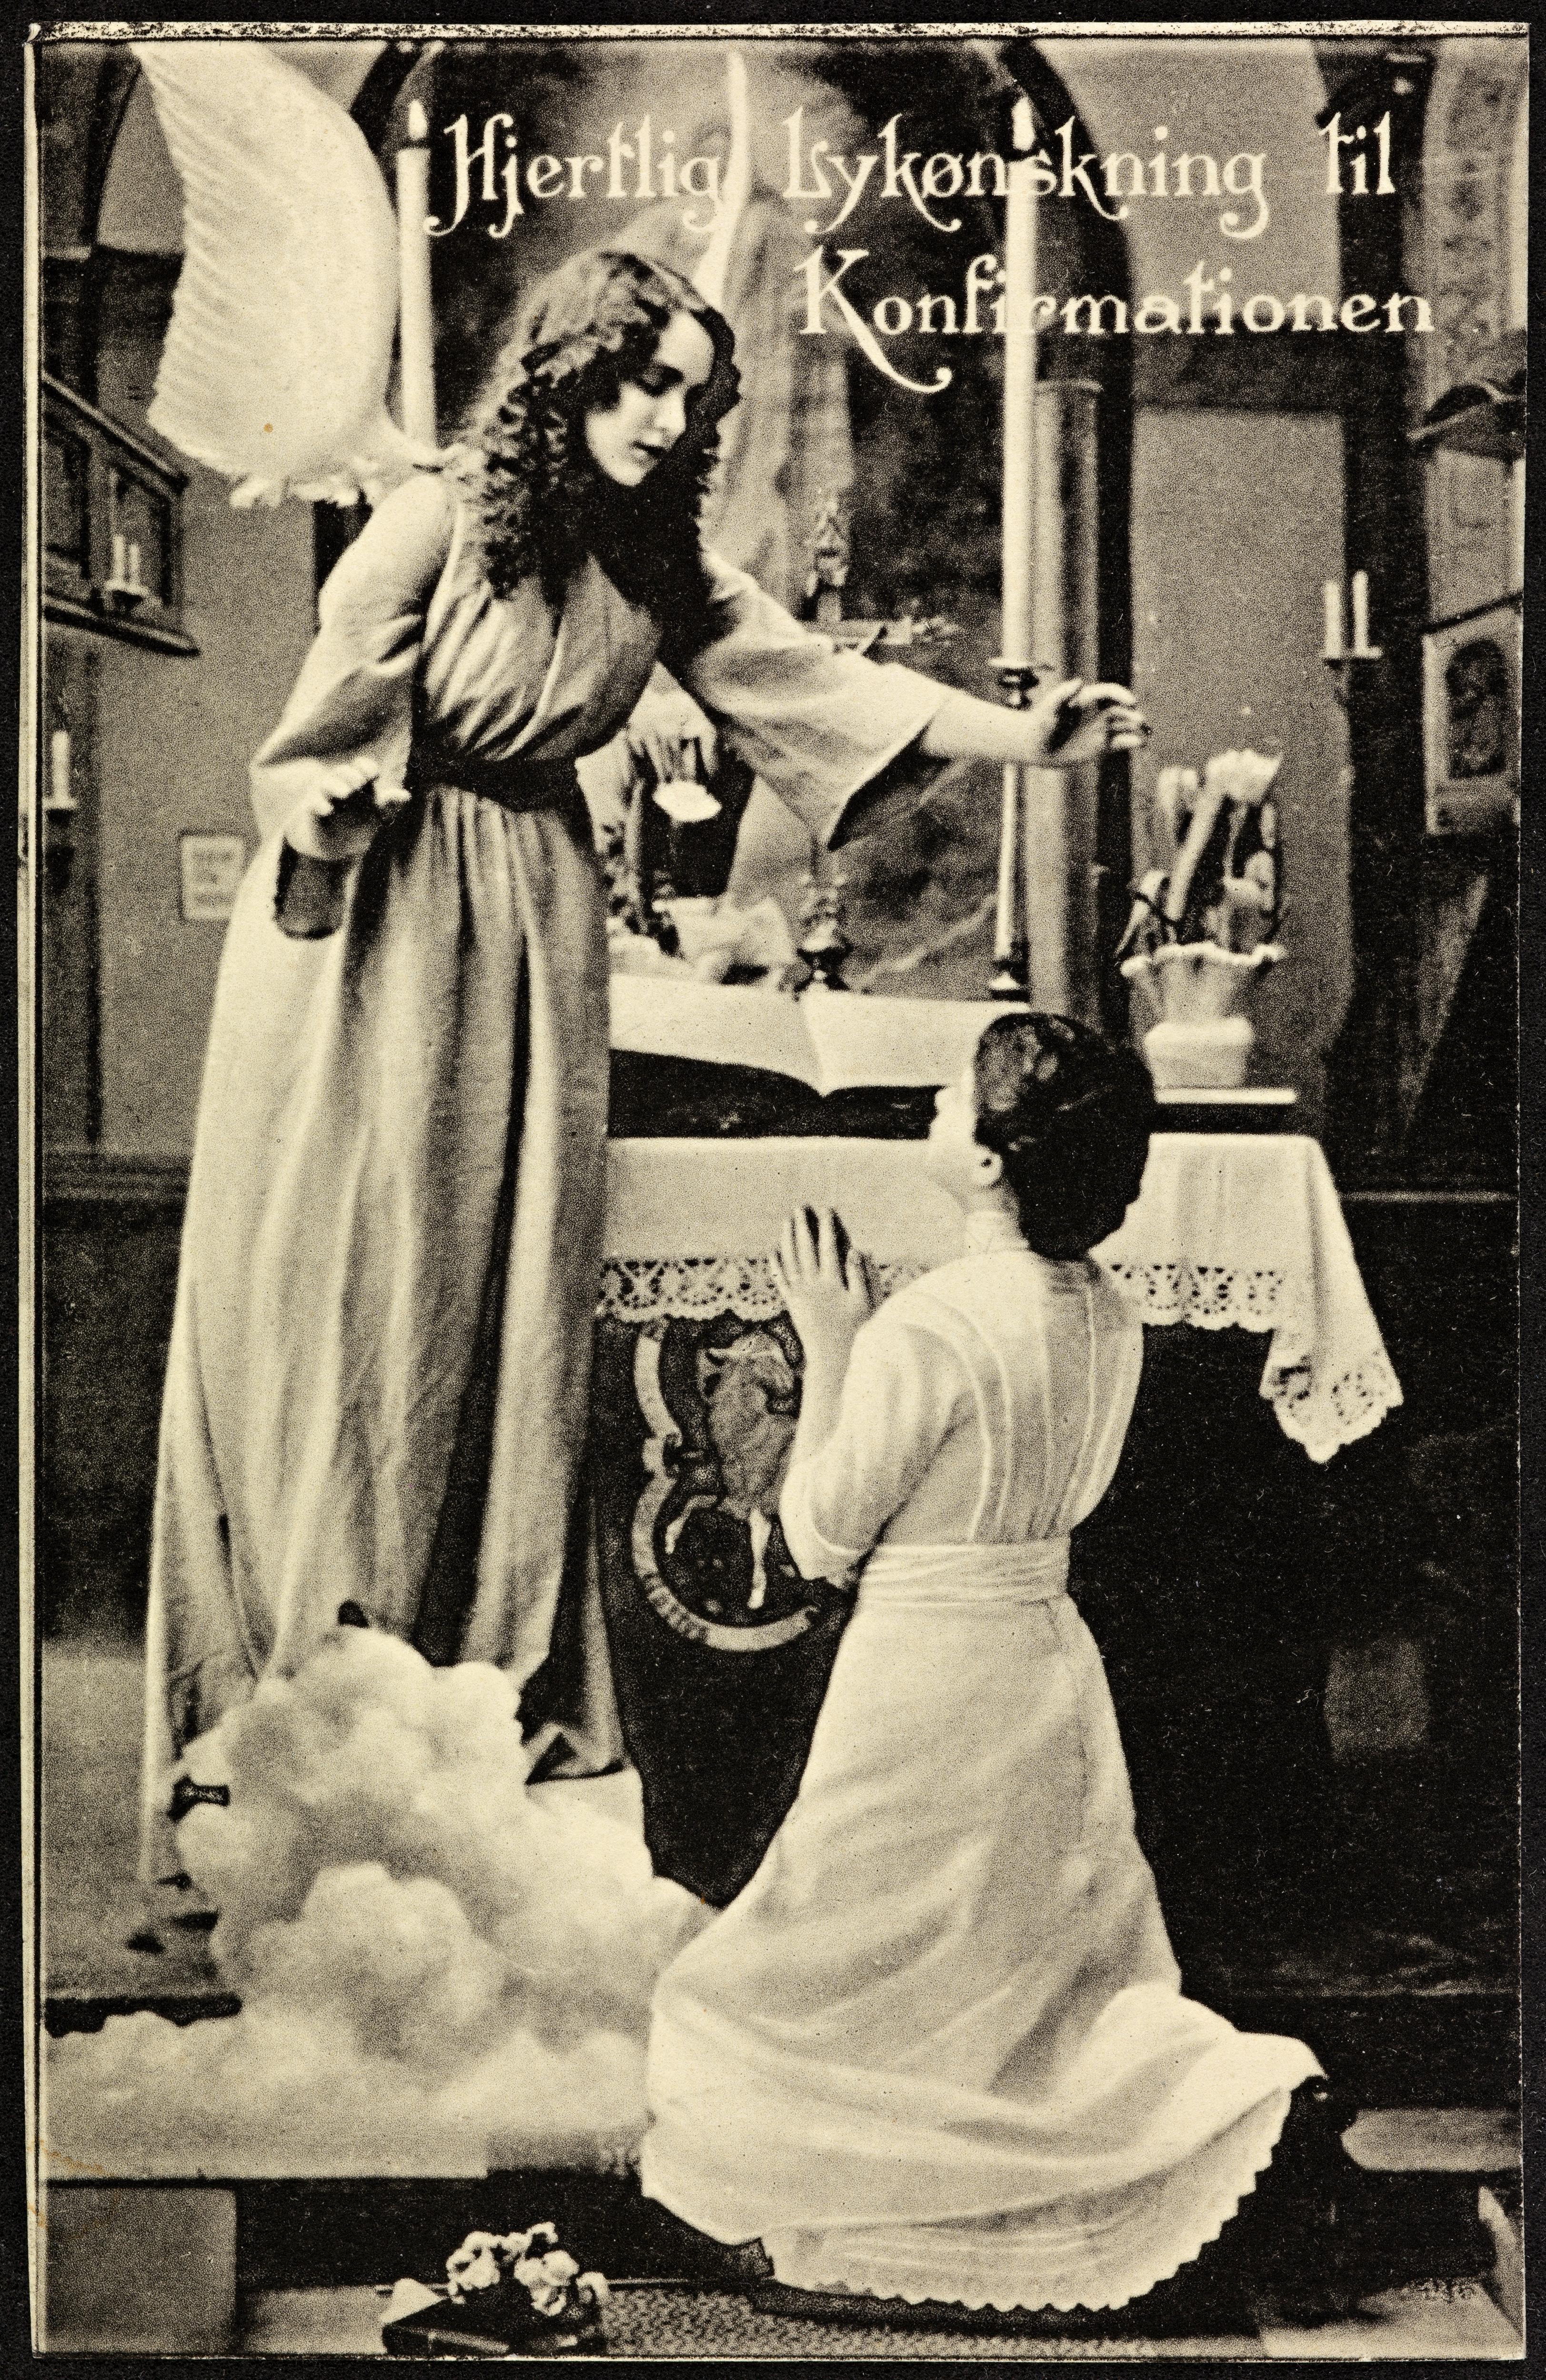 Hjertlig Lykønskning til Konfirmationen, ca. 1914